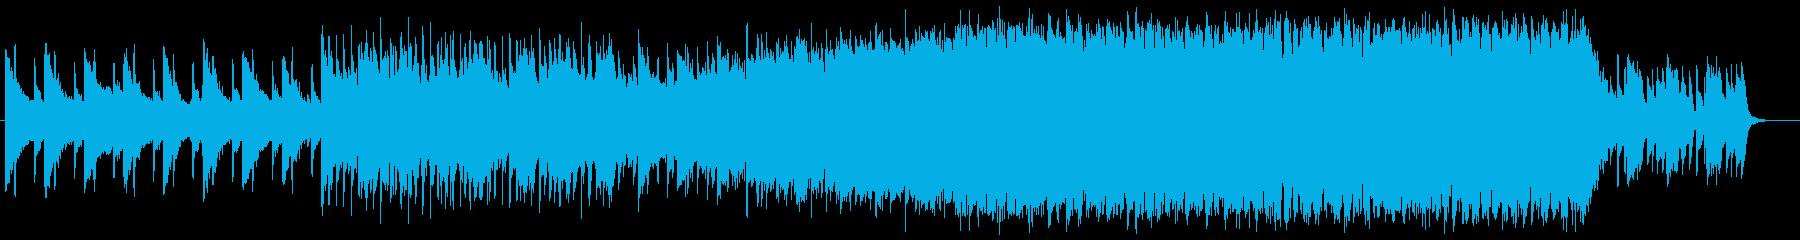 エモいEDMの再生済みの波形